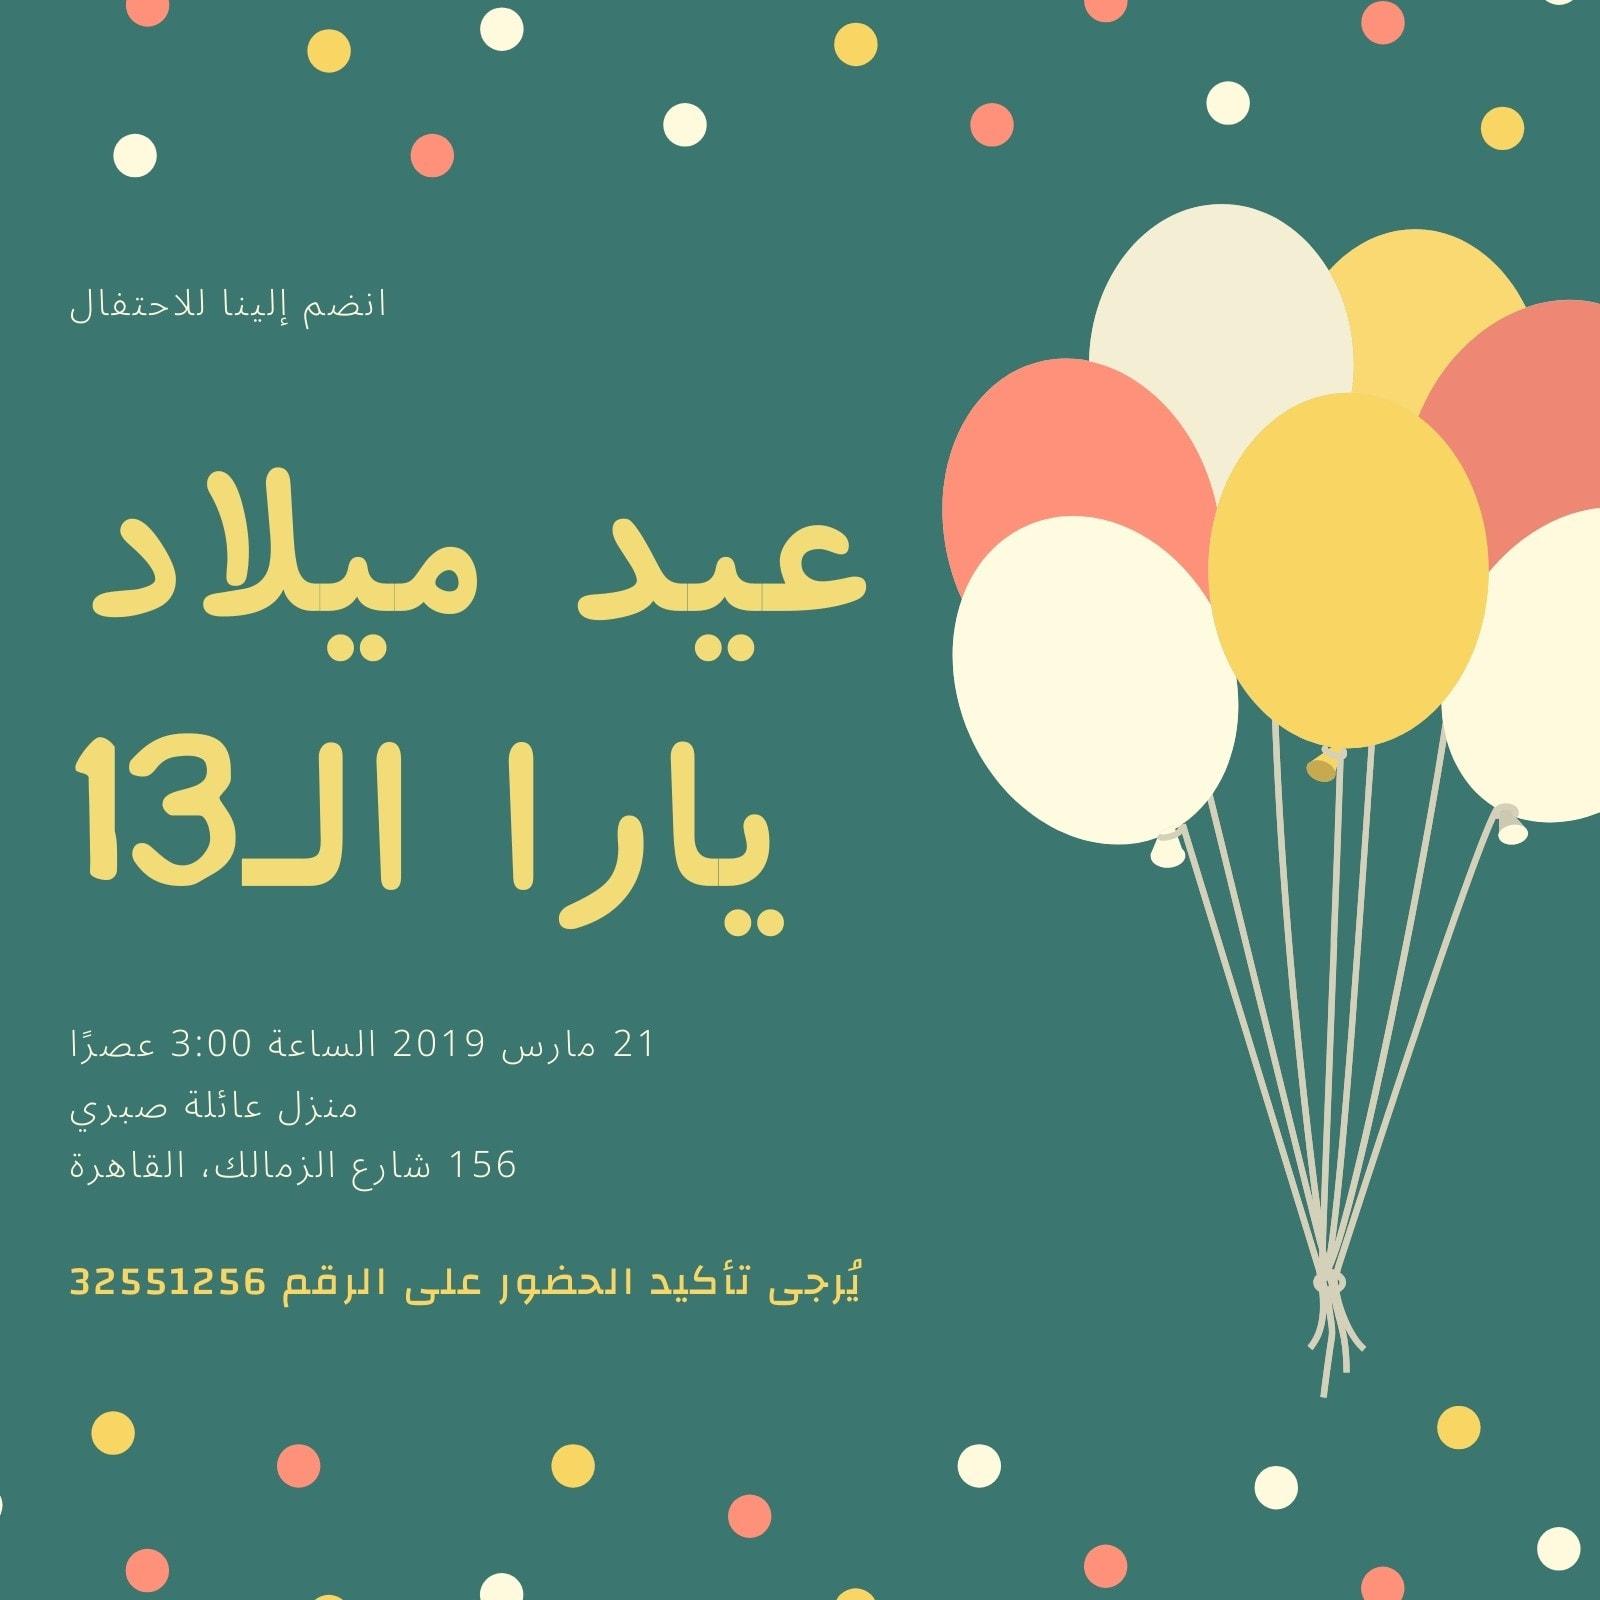 دعوة أخضر نقاط وبالونات عيد ميلاد